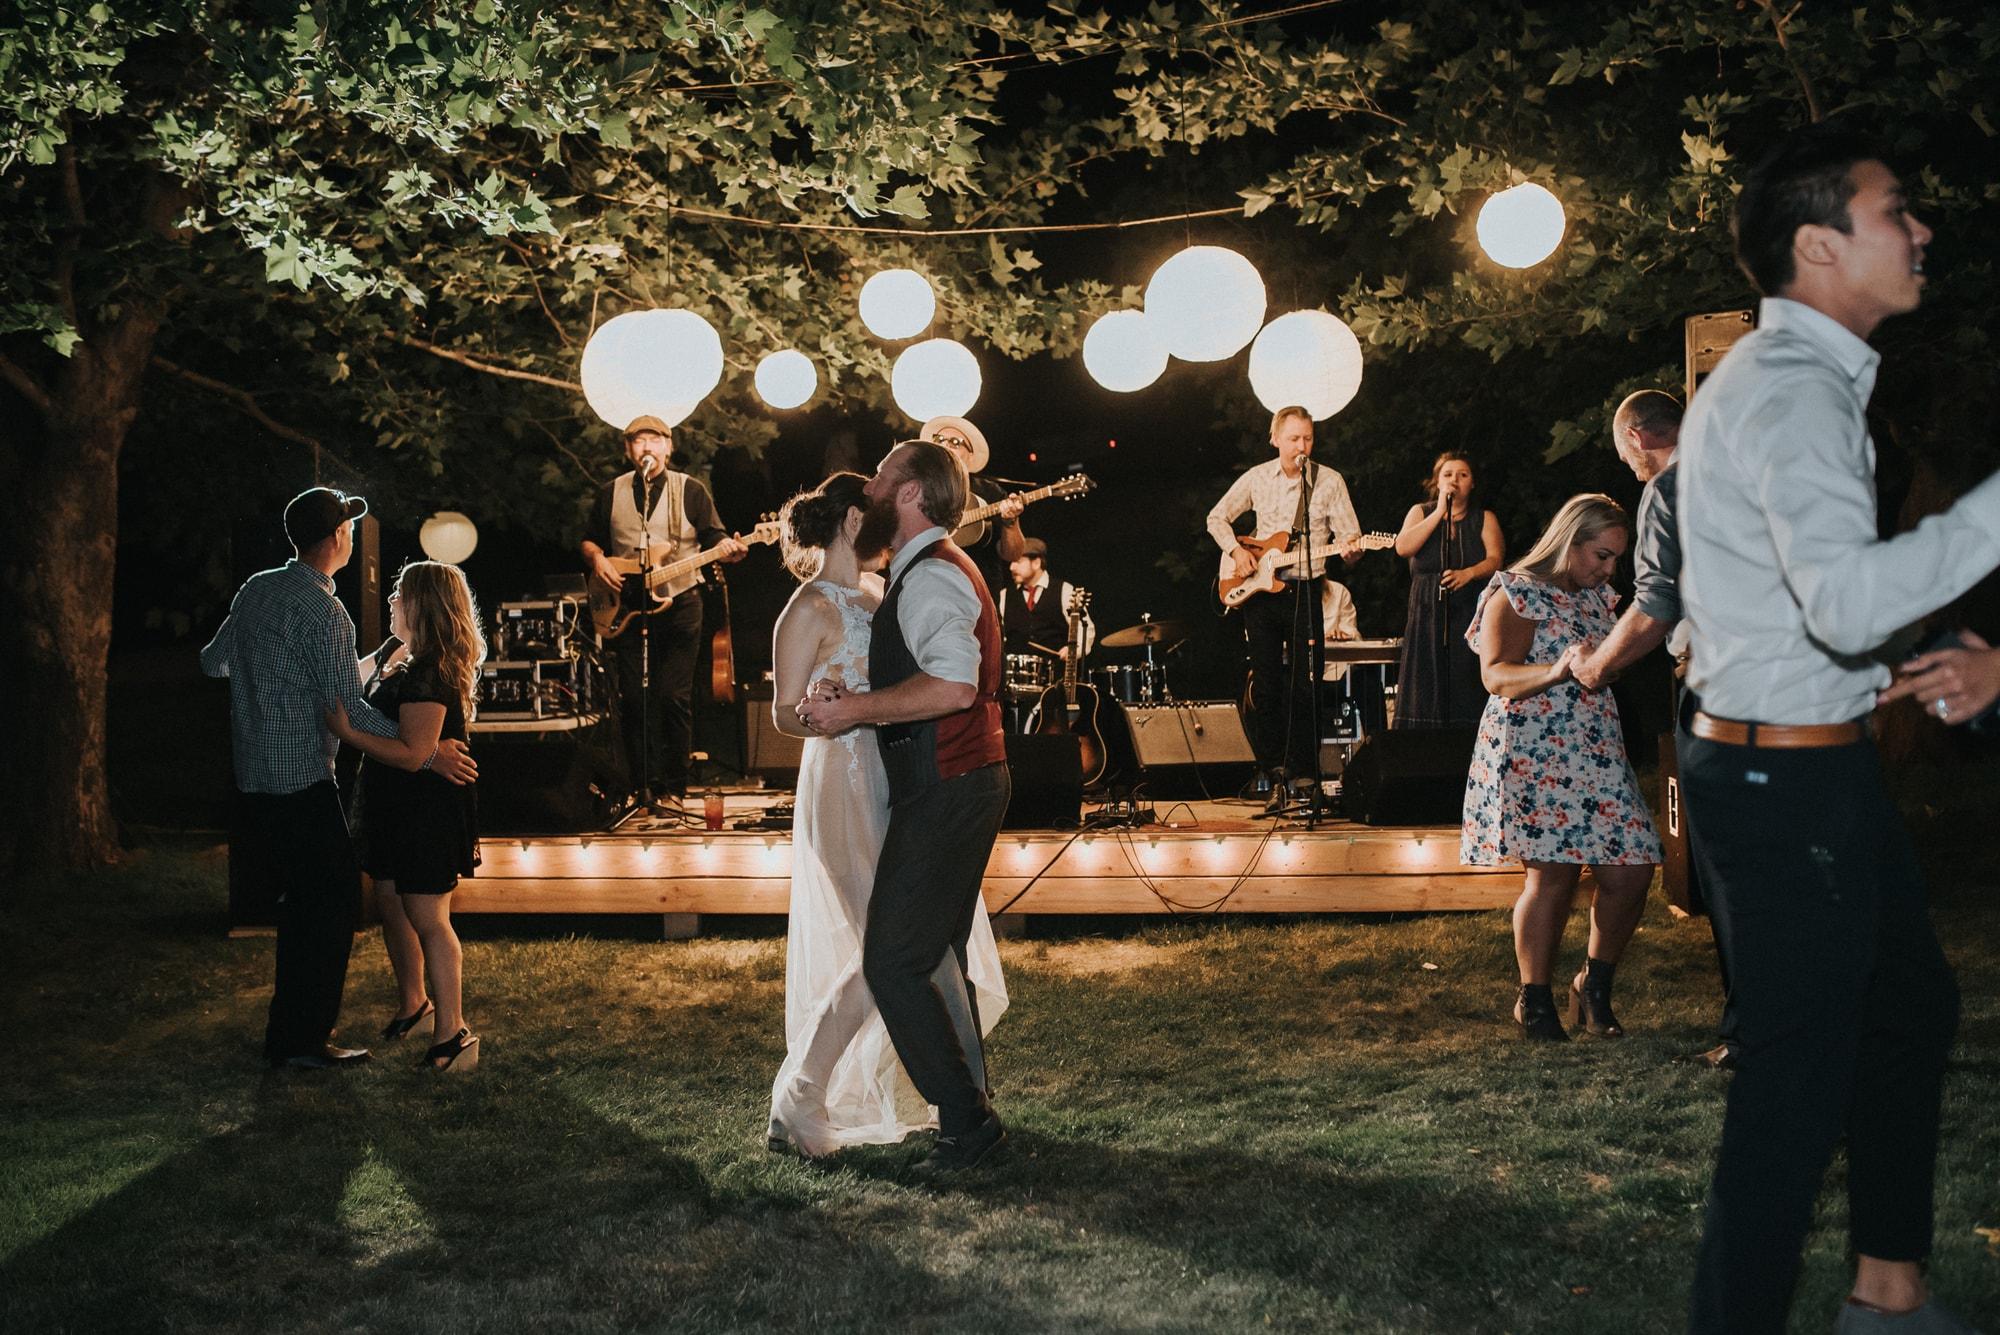 backyard dance party in yakima washington